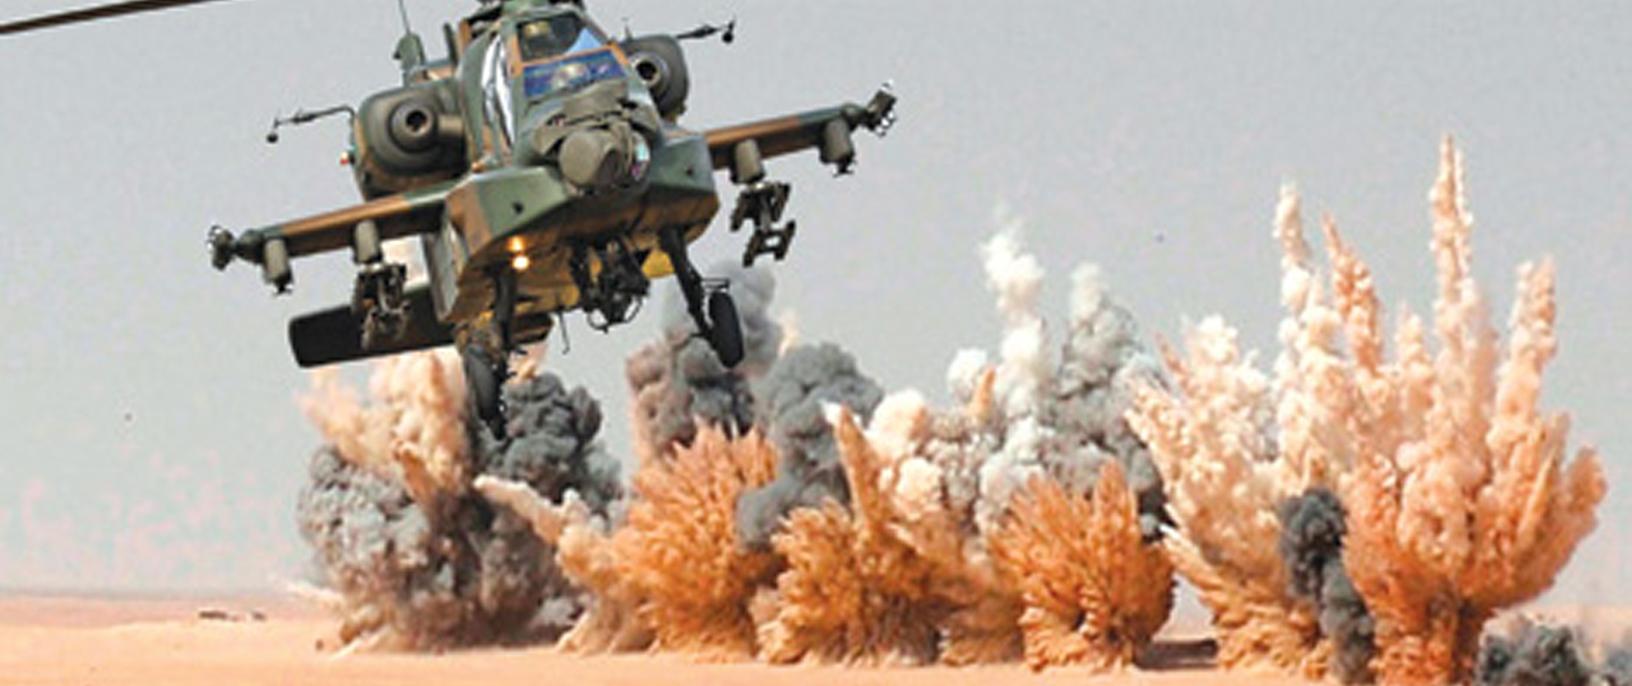 الجيش العربي الموحد 2018-09-1114:34:57.579077-4120